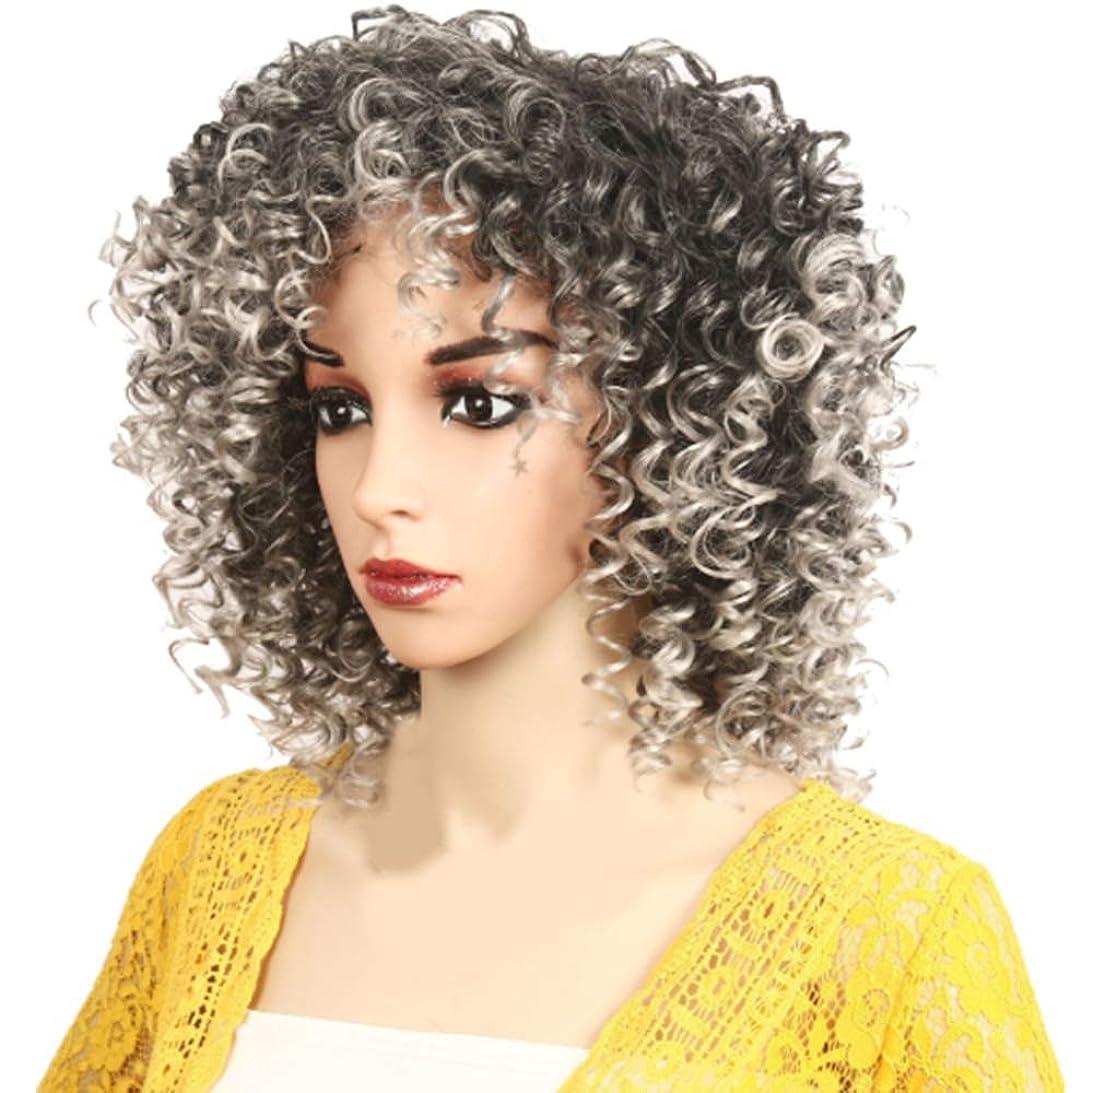 品揃え唯一カテナアフリカの黒人女性のかつら短い巻き毛のかつらふわふわ自然は低温二次形状で矯正することができます,Gray